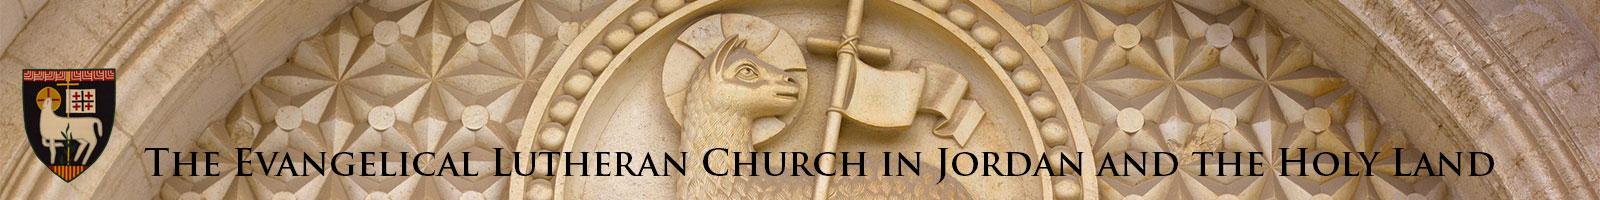 ELCJHL_logo.jpg